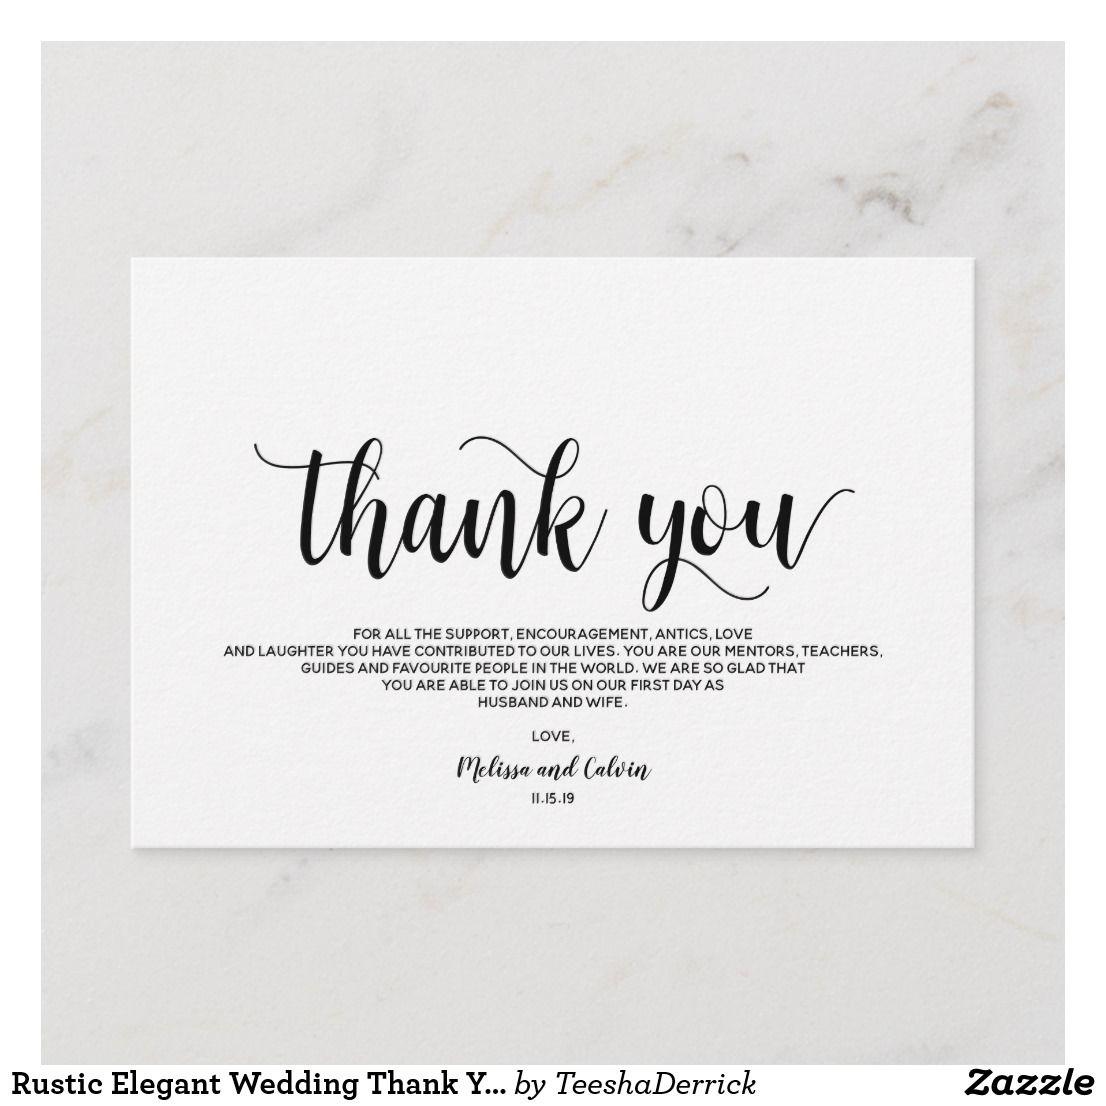 Rustic Elegant Wedding Thank You Card